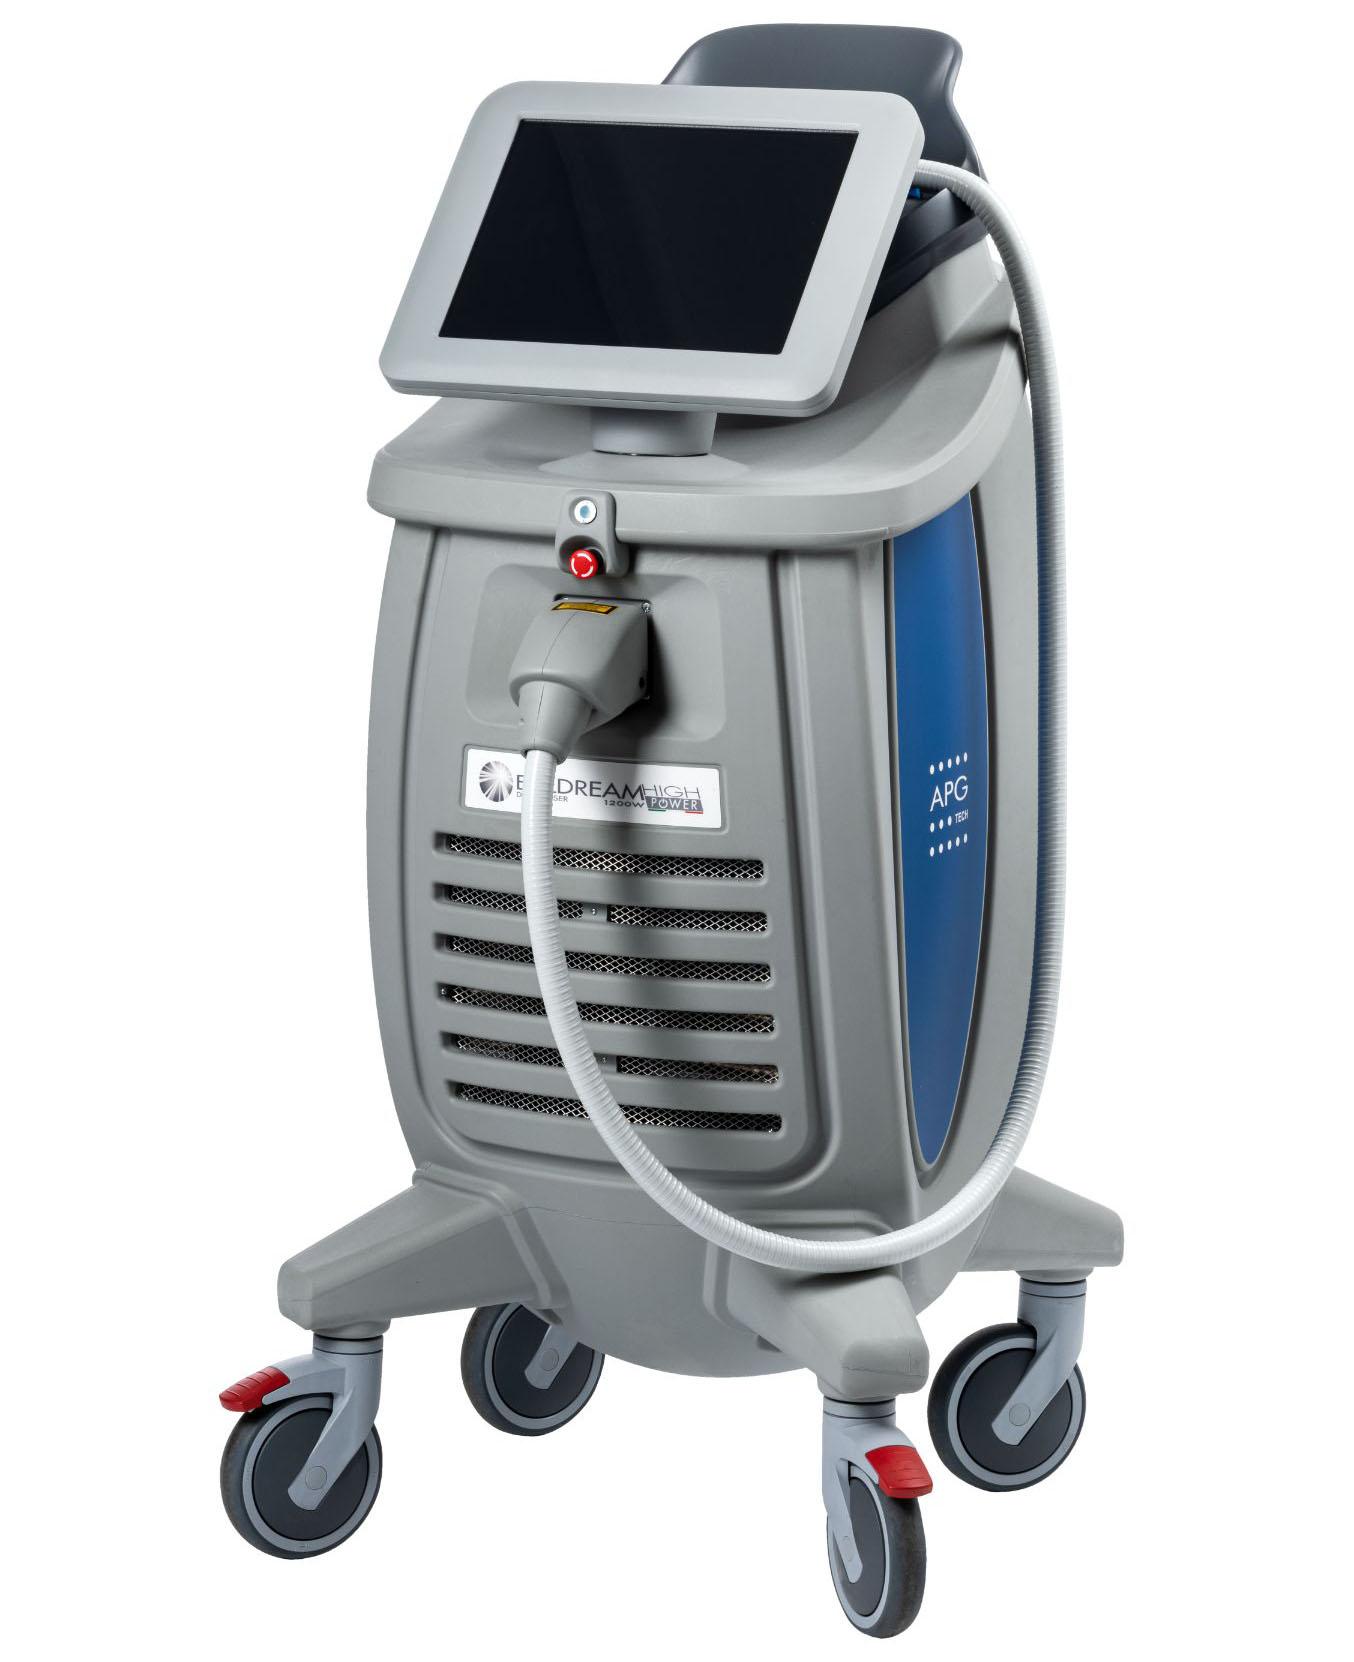 New Epildream Machine